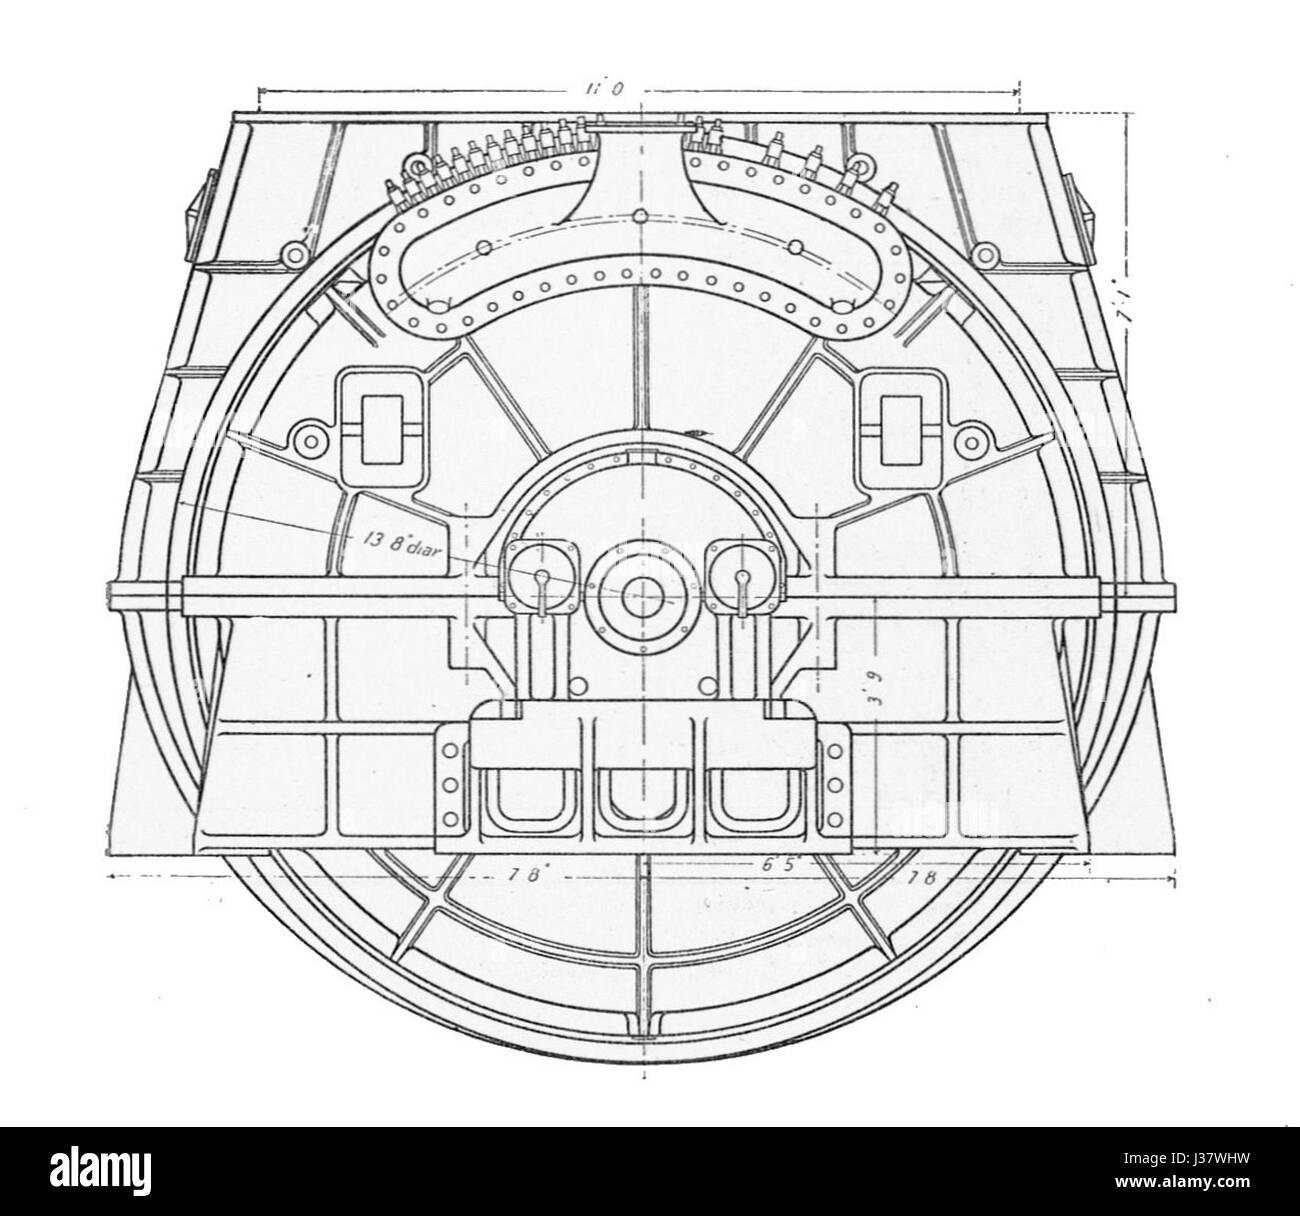 Ziemlich Geschaltetes Ausgangsdiagramm Bilder - Schaltplan Serie ...